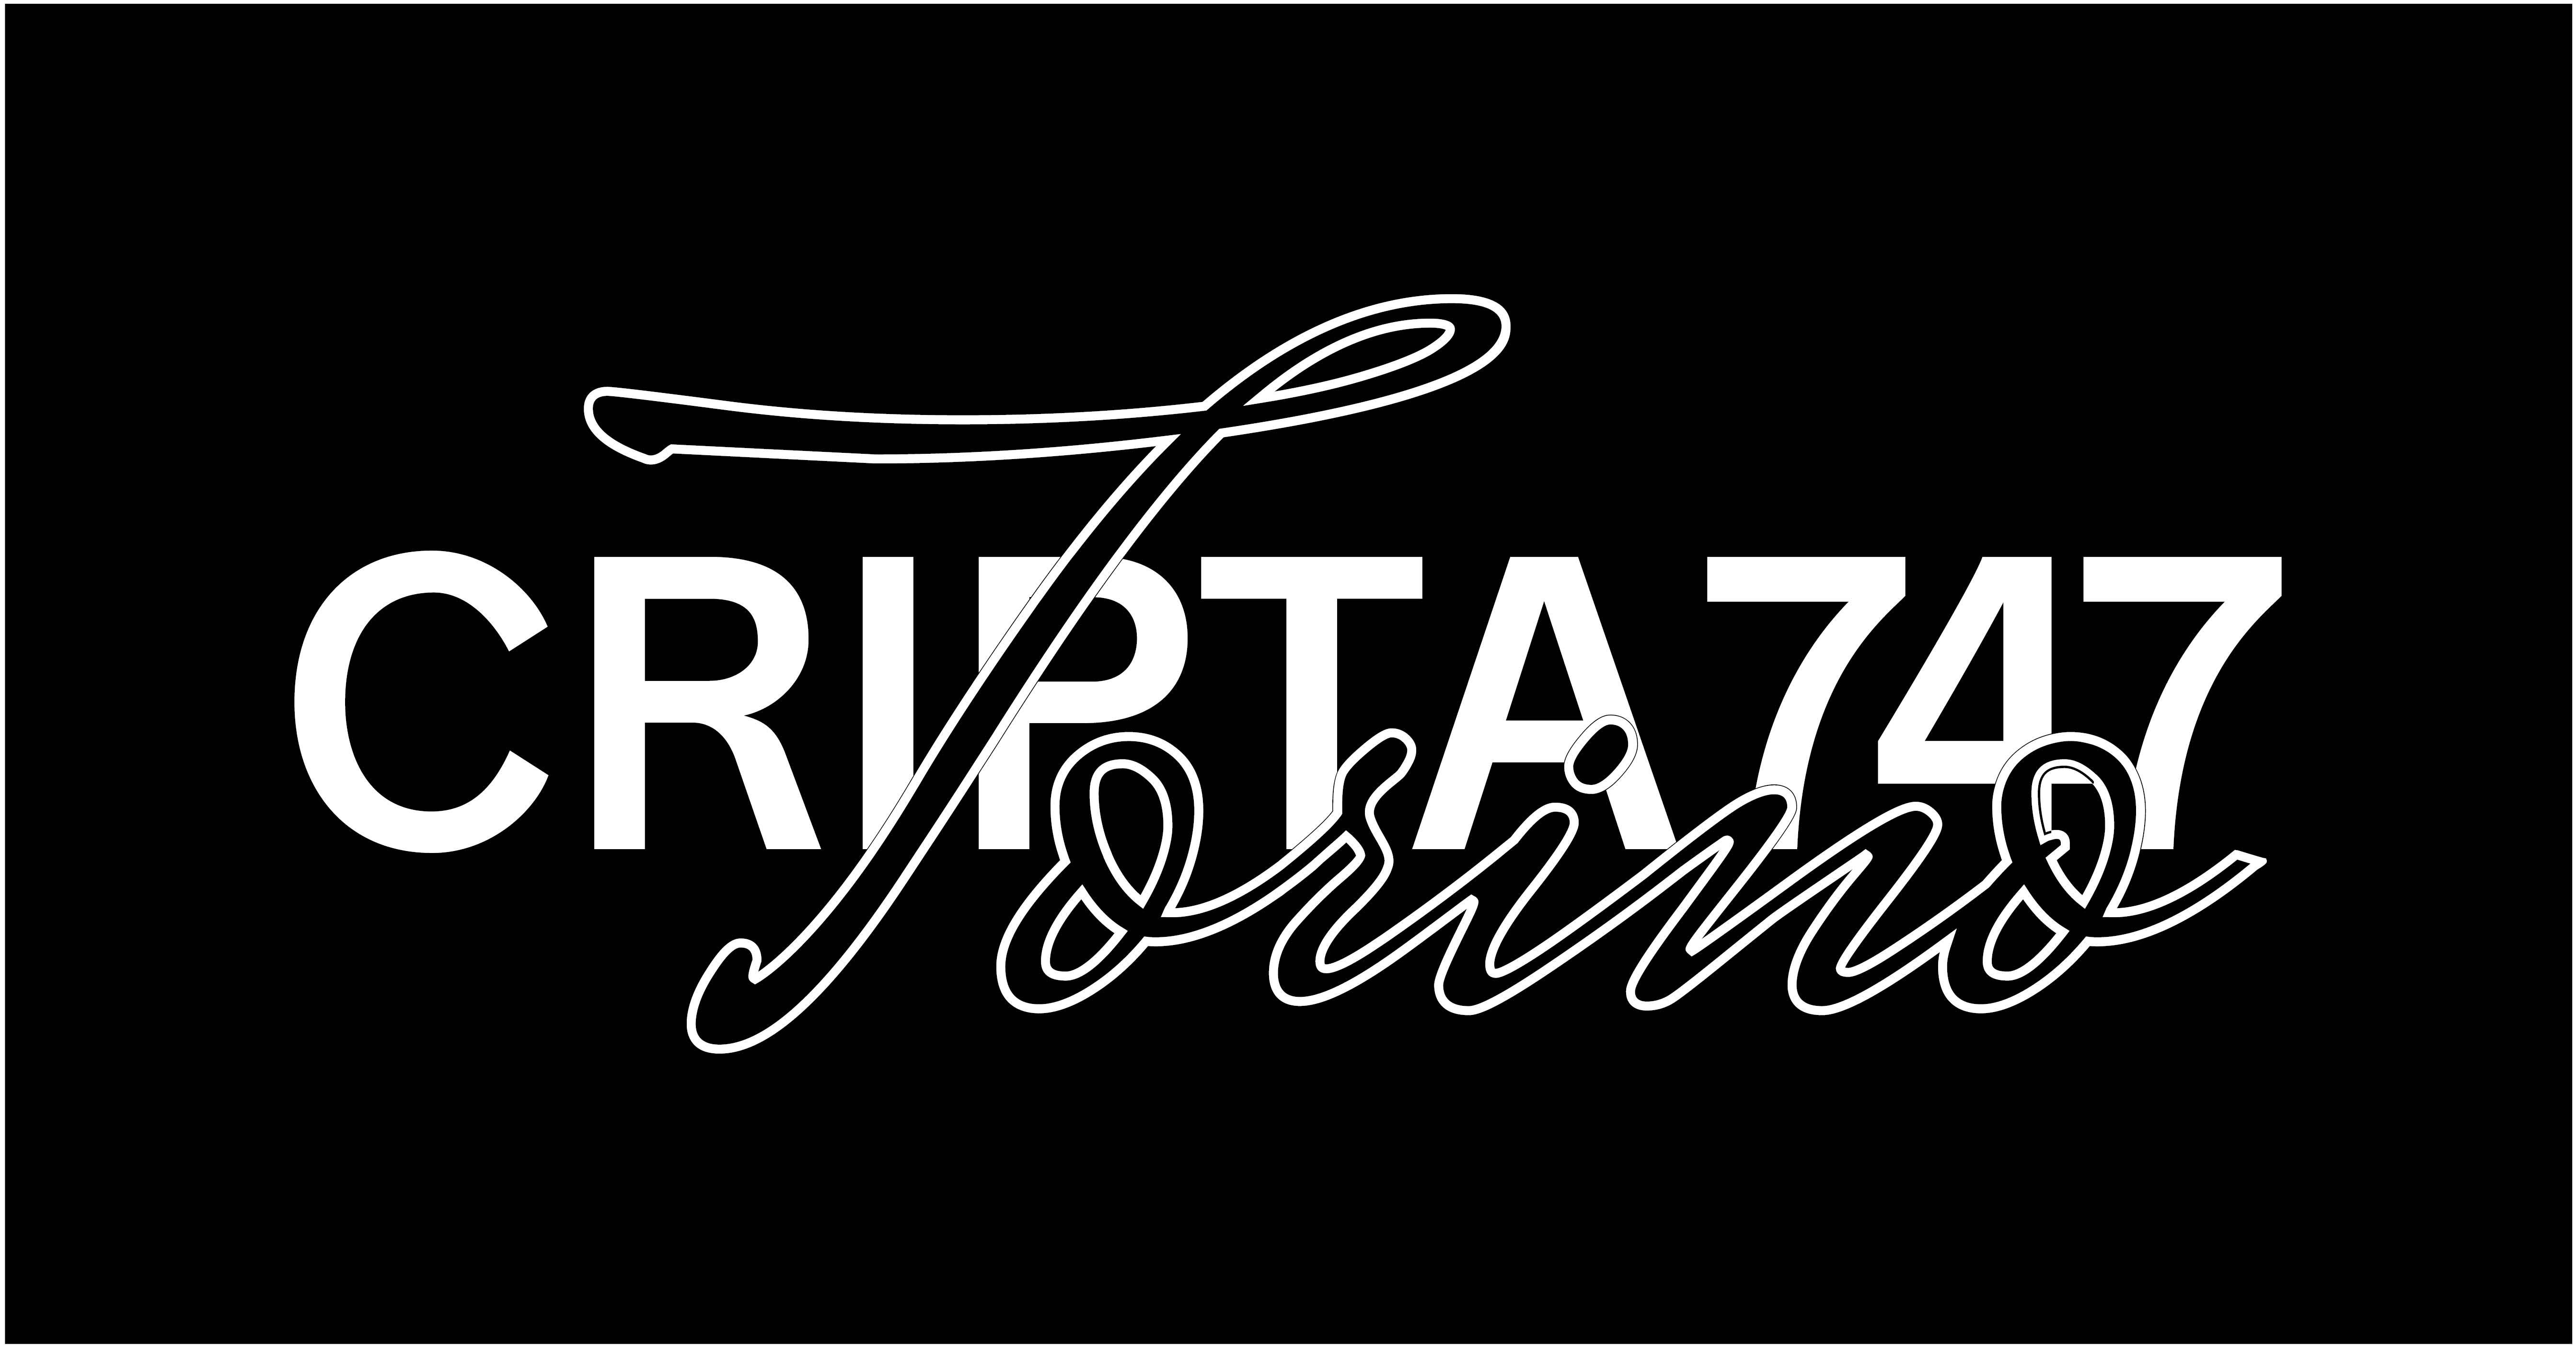 Cripta747